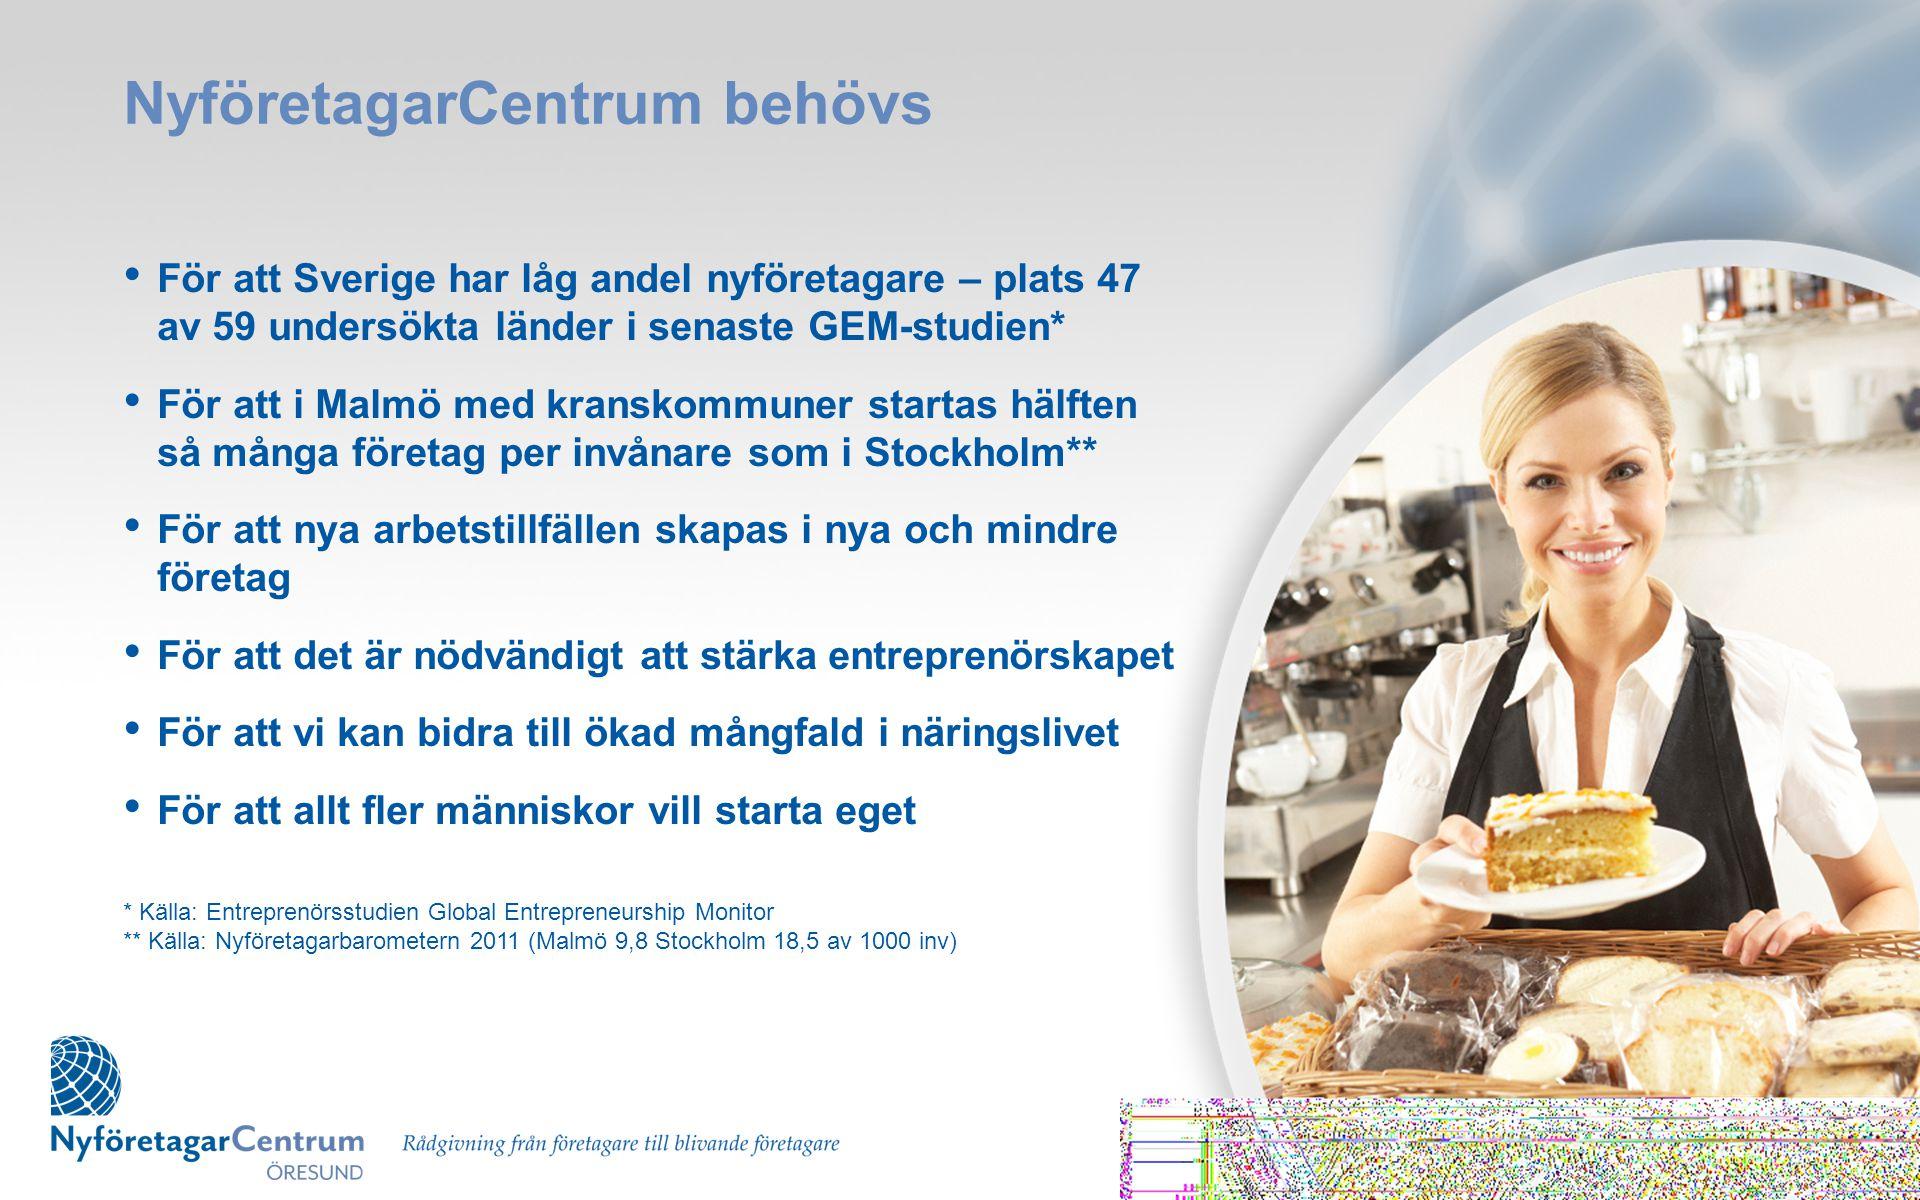 NyföretagarCentrum behövs • För att Sverige har låg andel nyföretagare – plats 47 av 59 undersökta länder i senaste GEM-studien* • För att i Malmö med